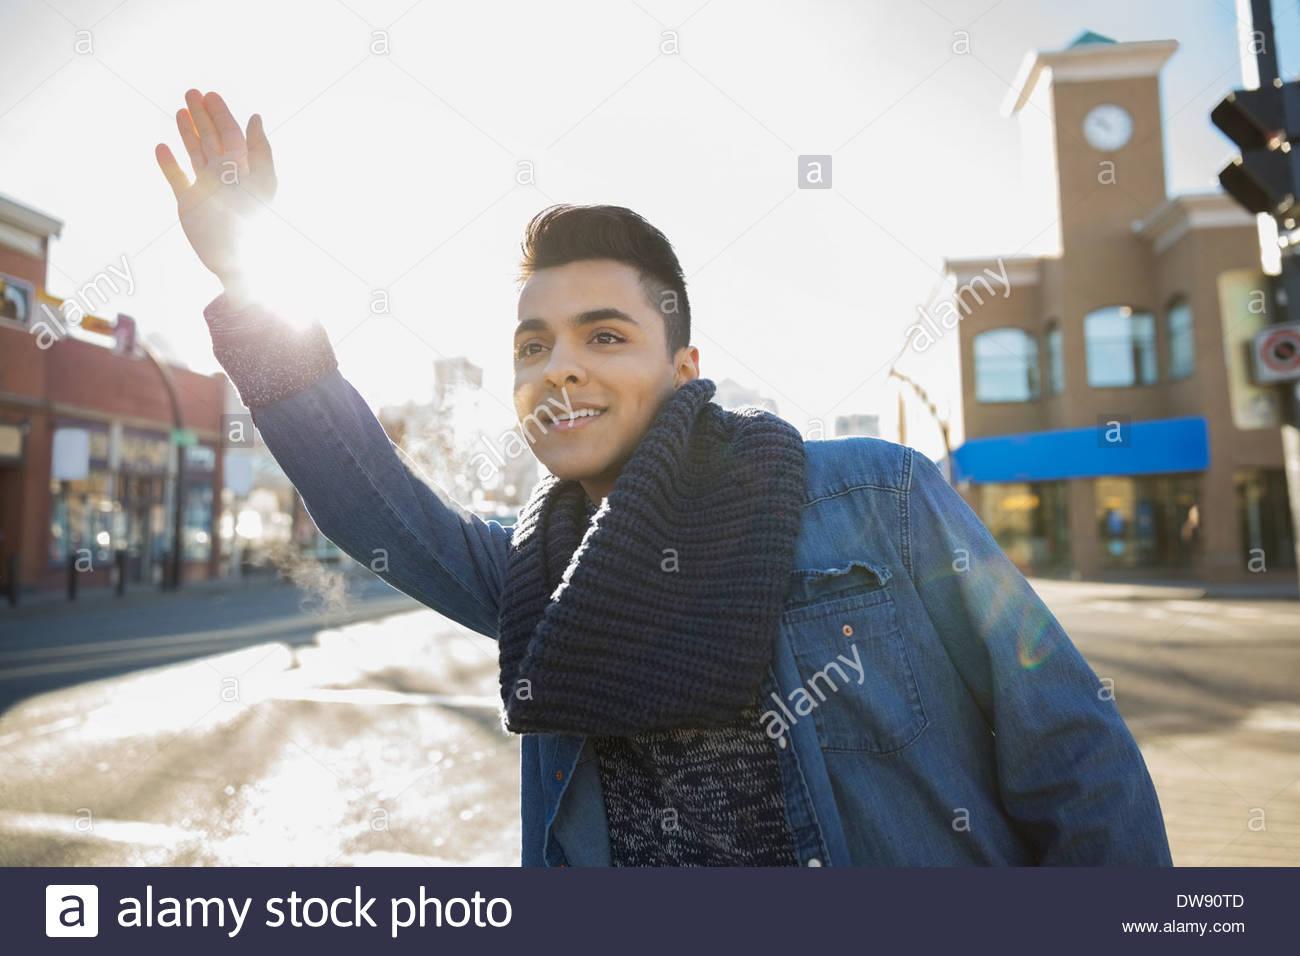 El hombre alaba taxi en las calles de la ciudad Imagen De Stock